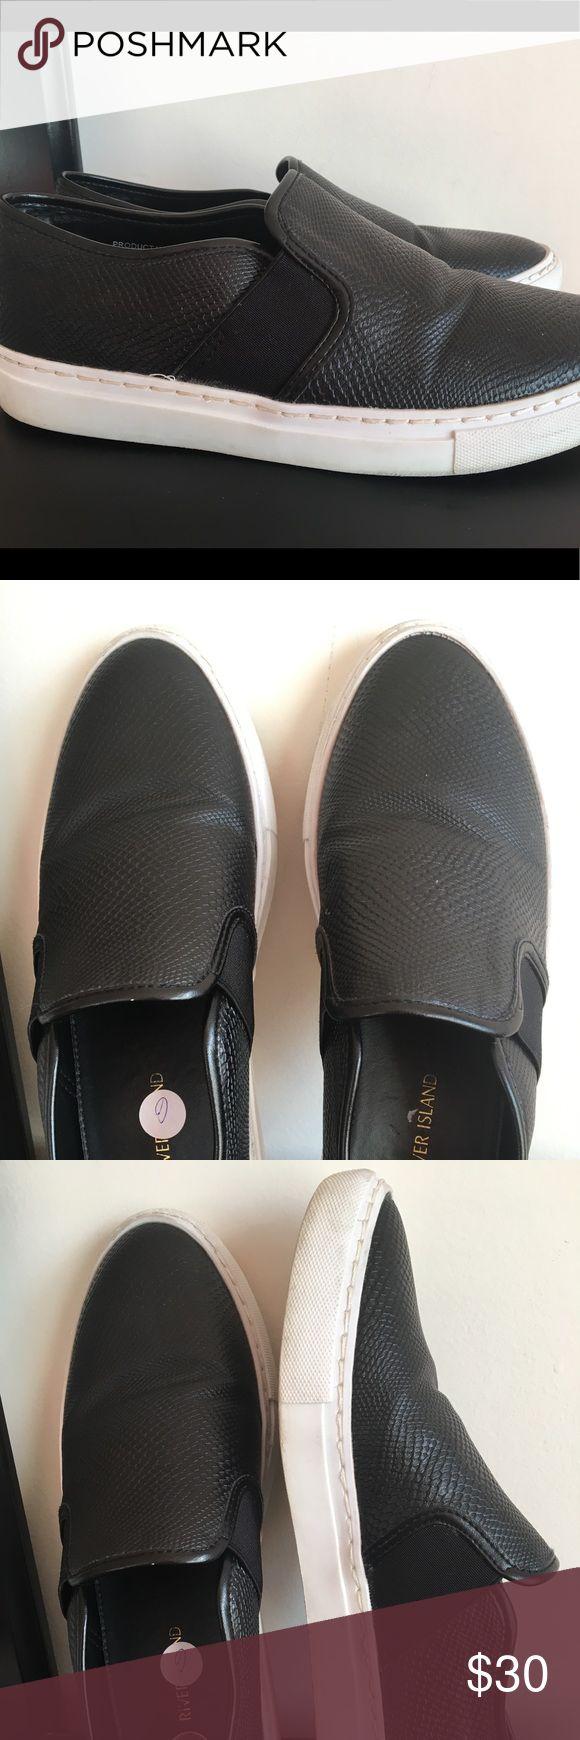 River Island Unisex Slip-on Black Shoes US 8& UK 6 River Island Unisex Slip-on Black Faux Snake Skin Shoes US 8 &UK 6 River Island Shoes Flats & Loafers